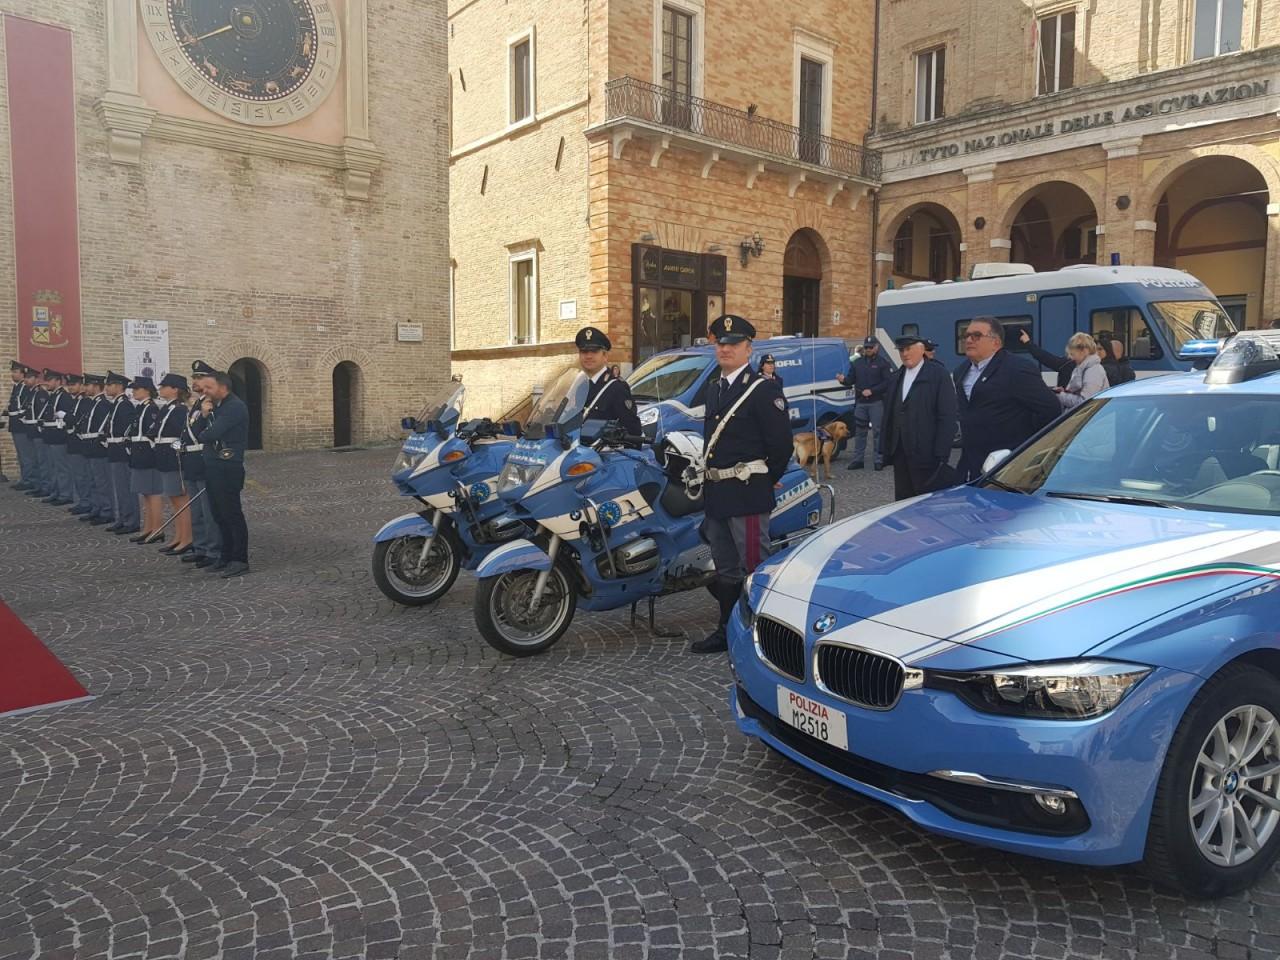 festa della polizia 2018 macerata (2)